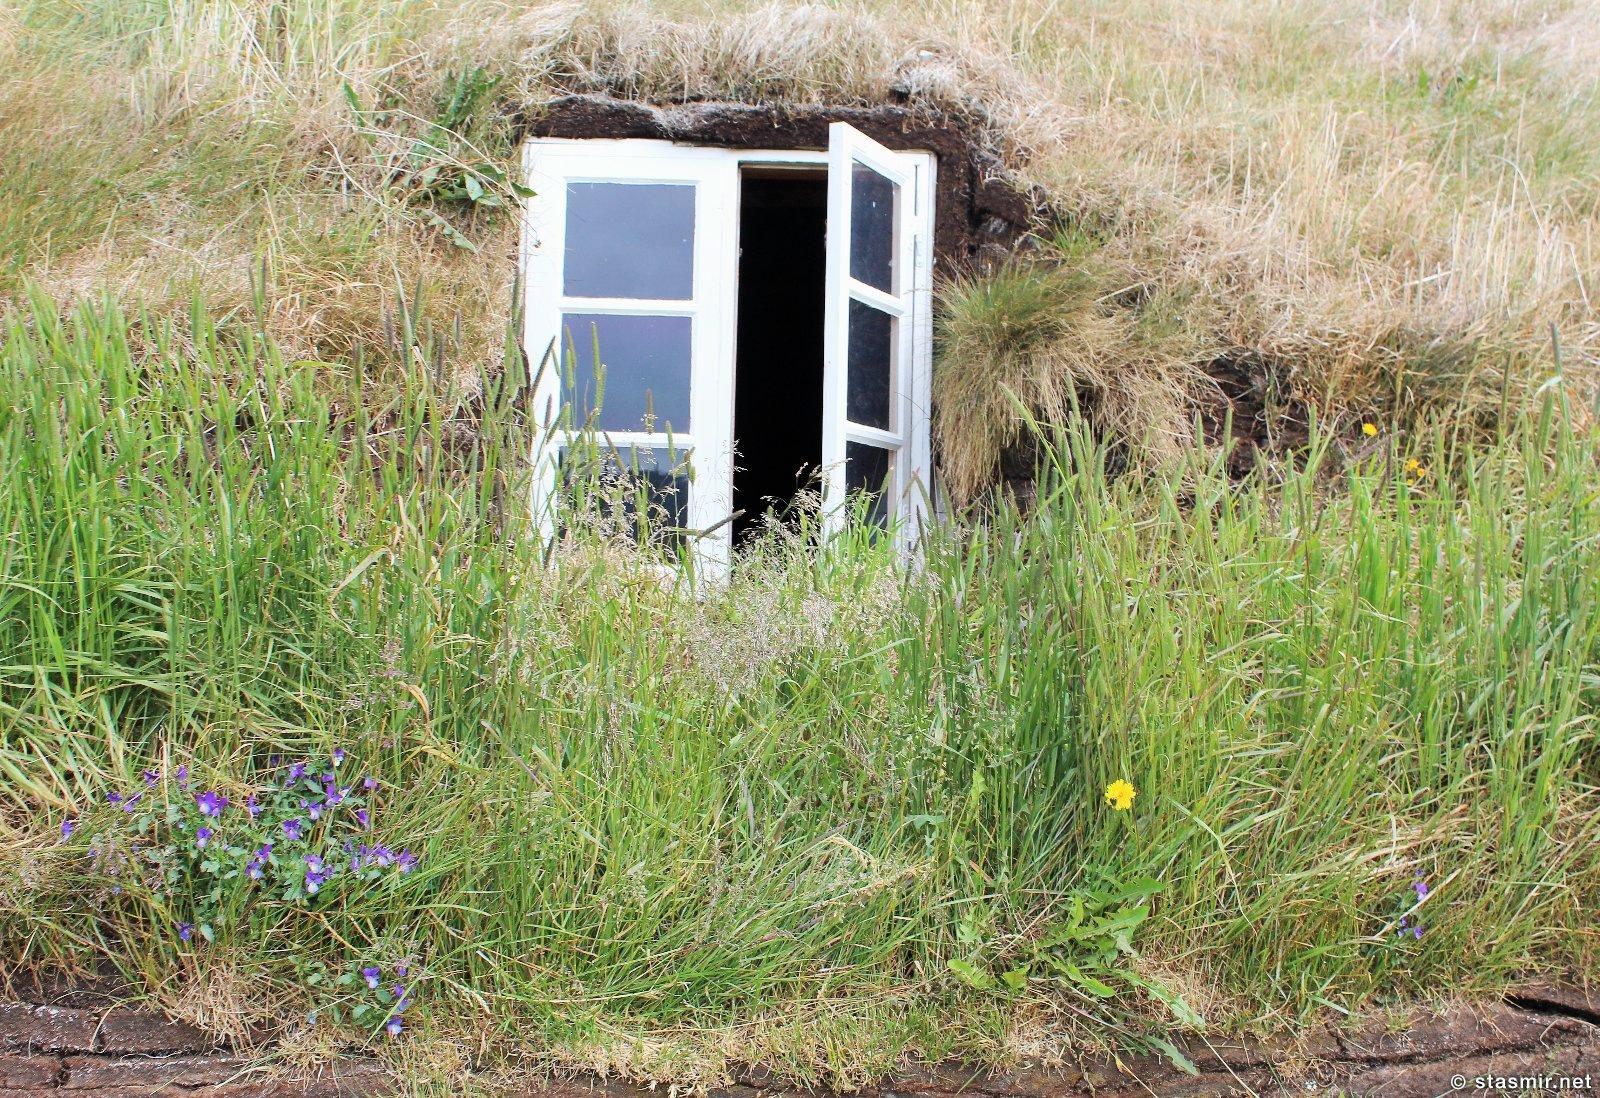 Glaumbær - музей традиционных исландских домиков, фото Стасир, photo Stasmir